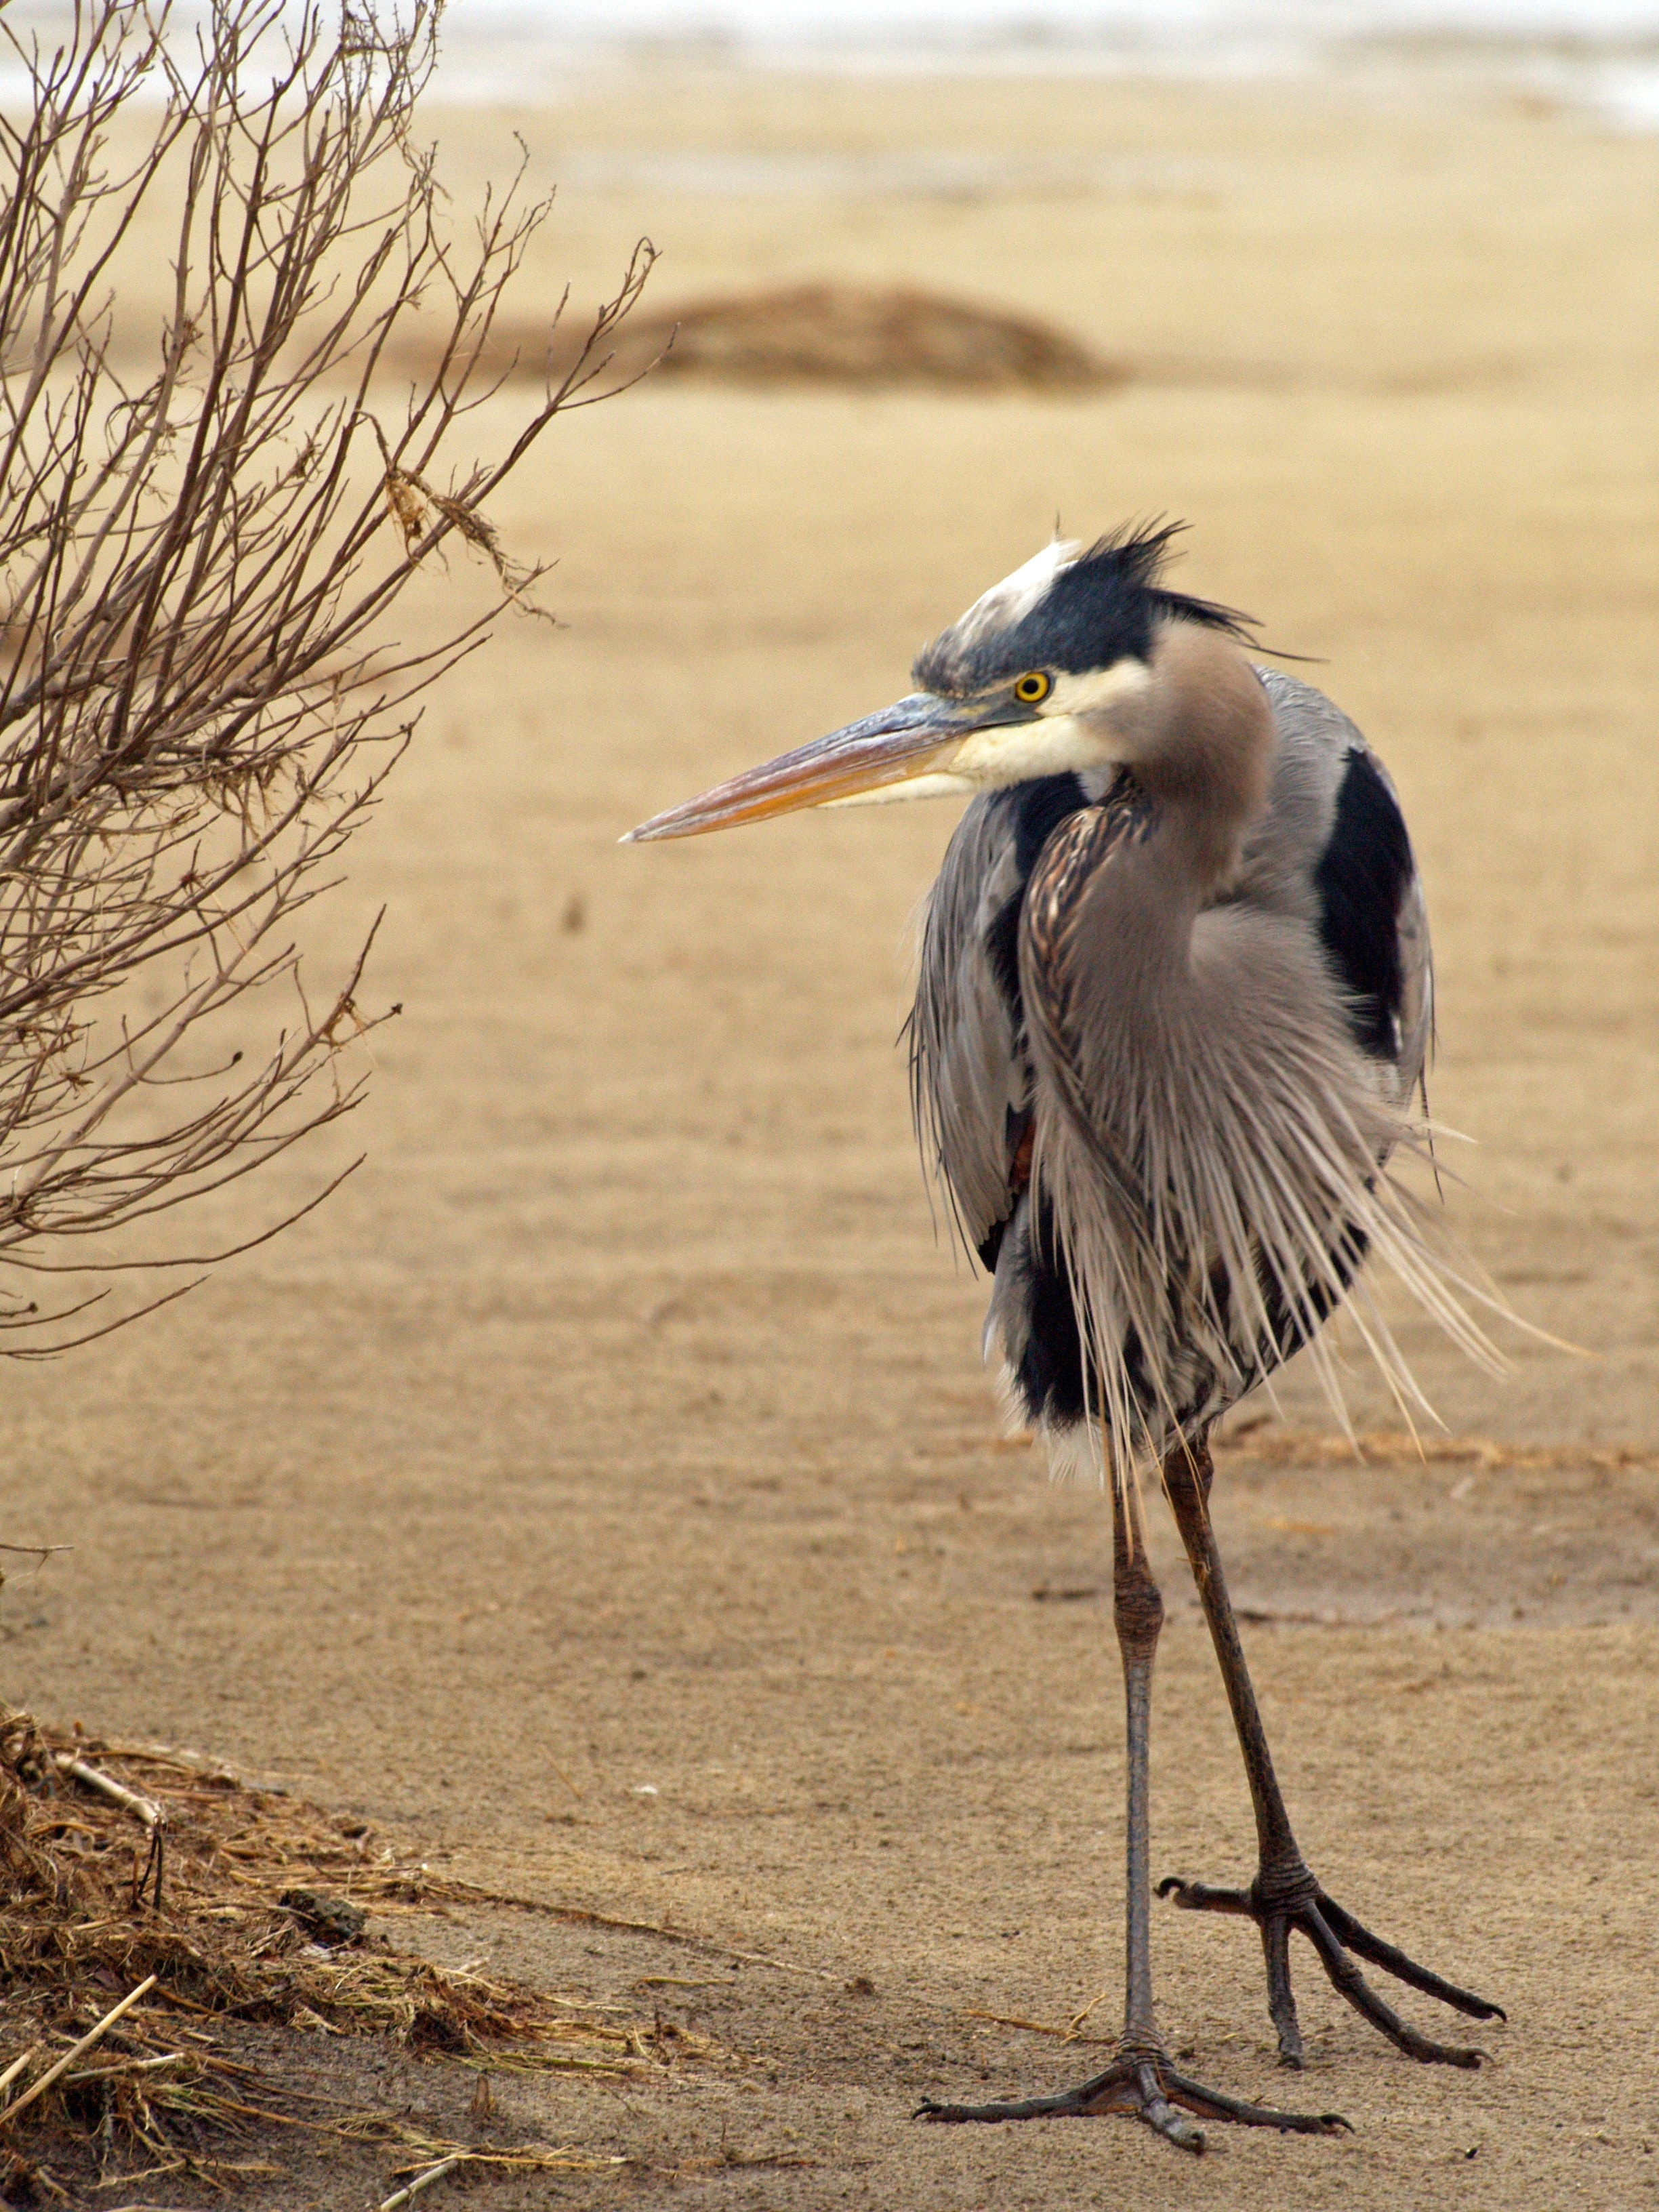 bird-blue-heron-shore-birds-animals-37992